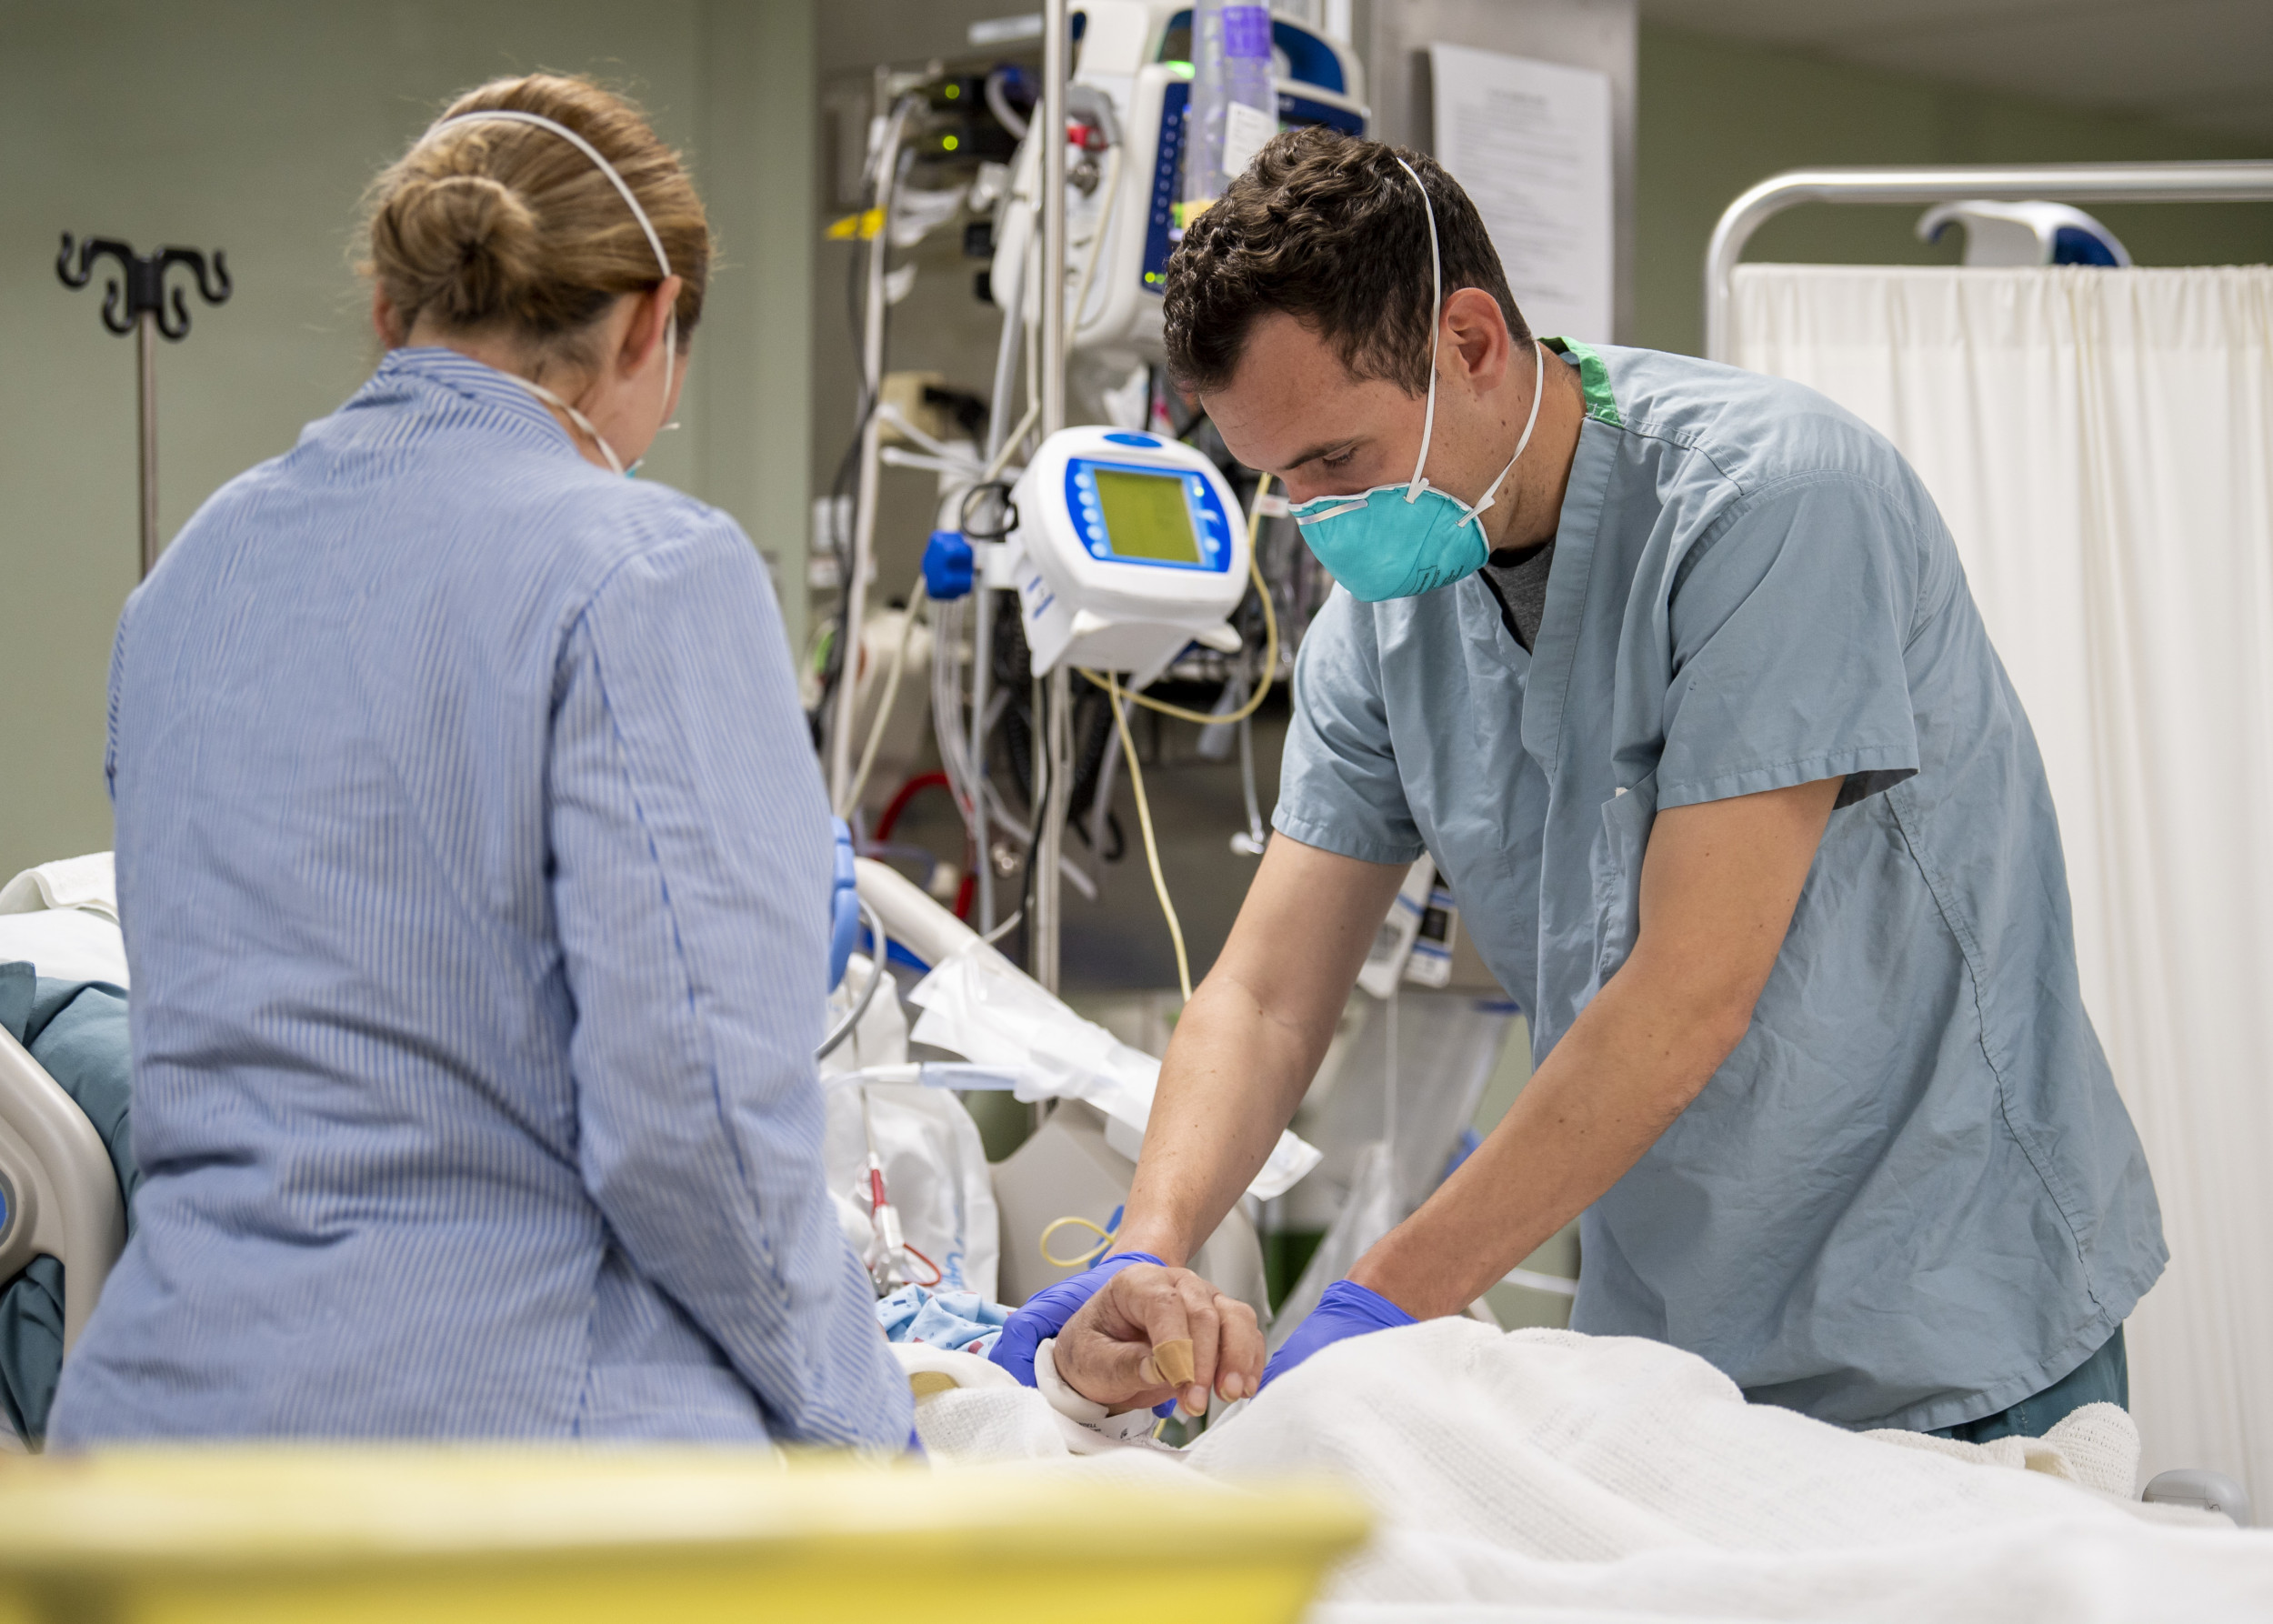 Florida Hospitals Limiting Visitors Amid COVID Hospitalization Record